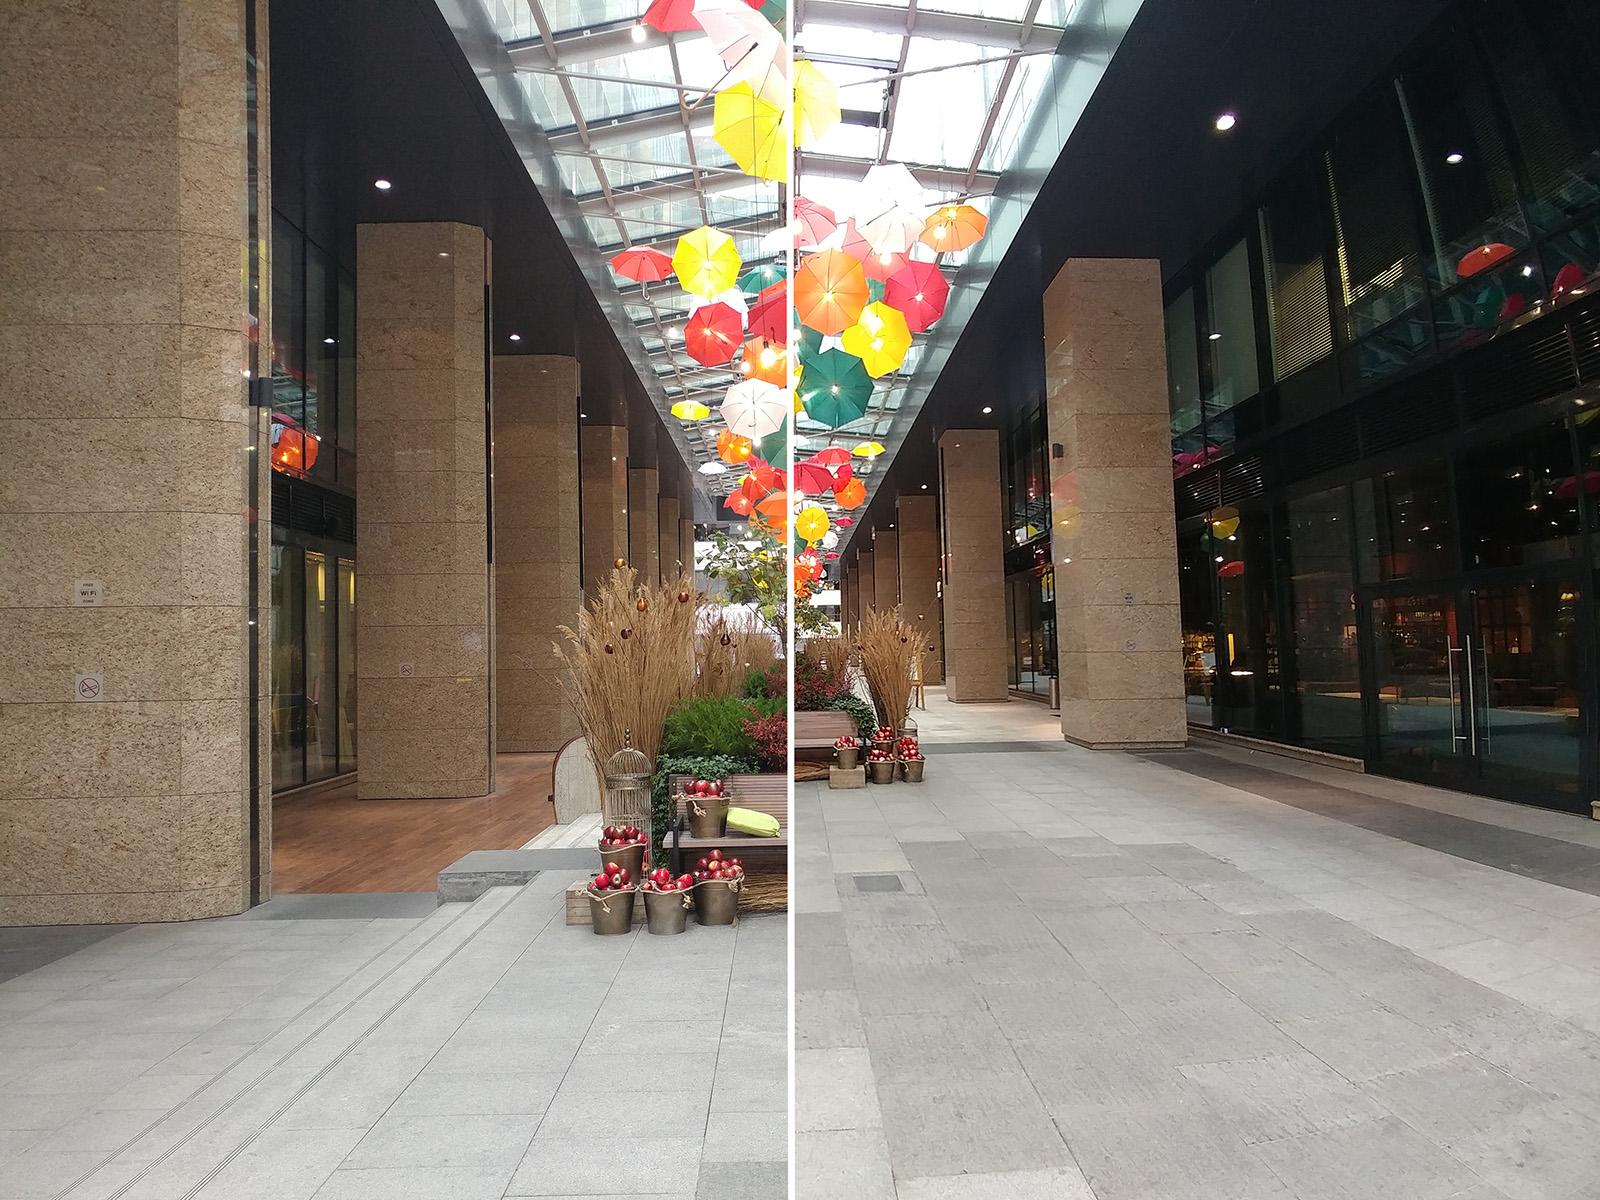 Составное фото из двух снимков (слева снято на обычную камеру, справа на широкоугольную)